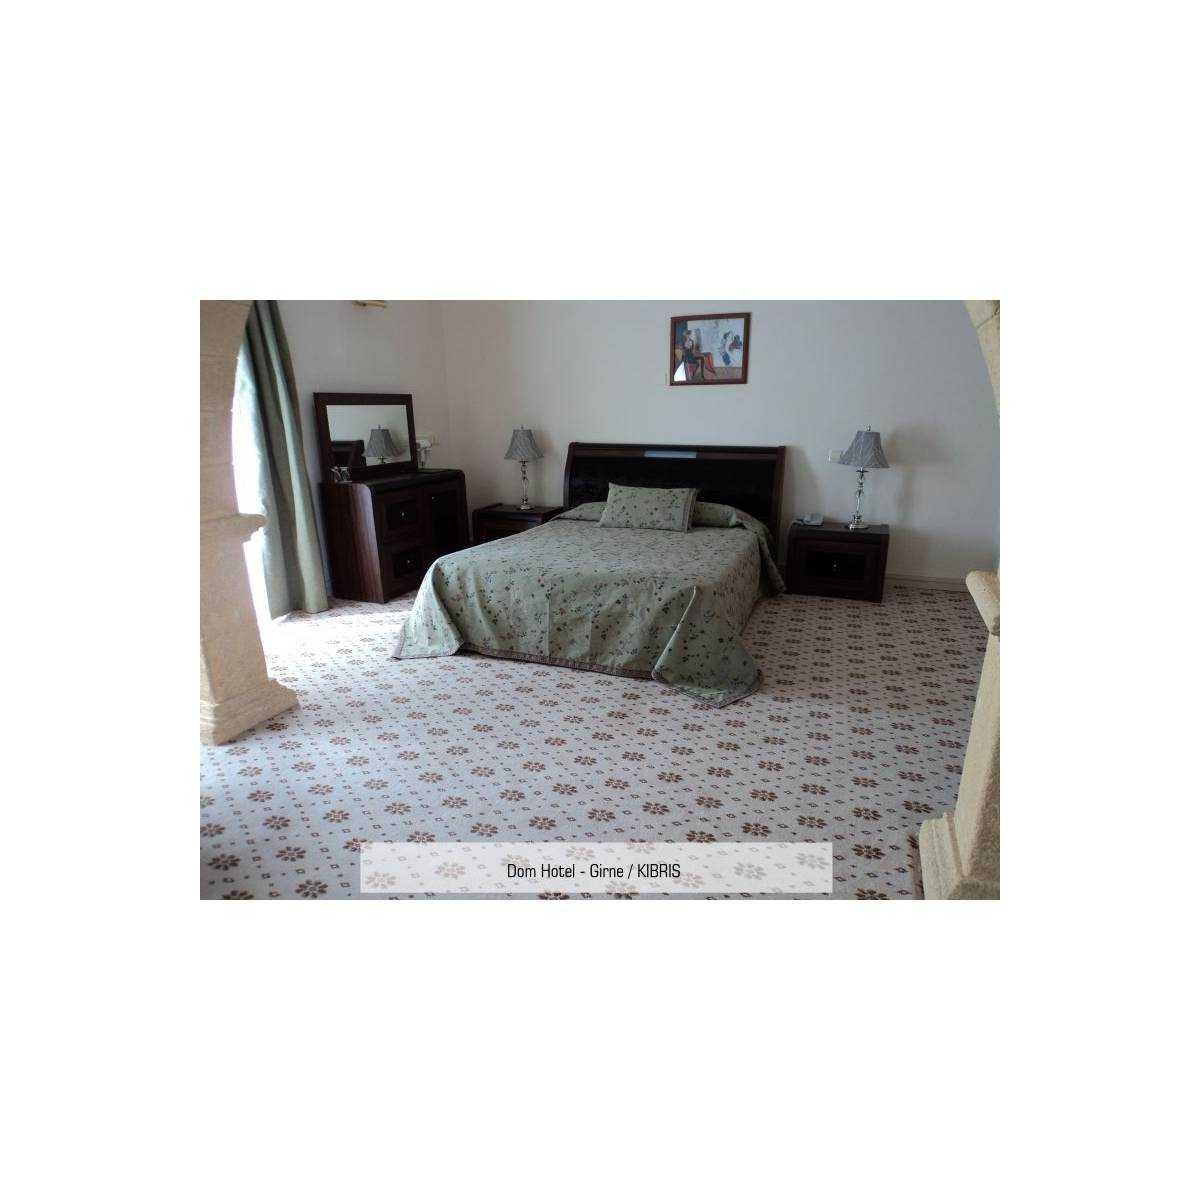 Ковры для гостиничных номеров carpet-room-cor.006 HASKUL HALI